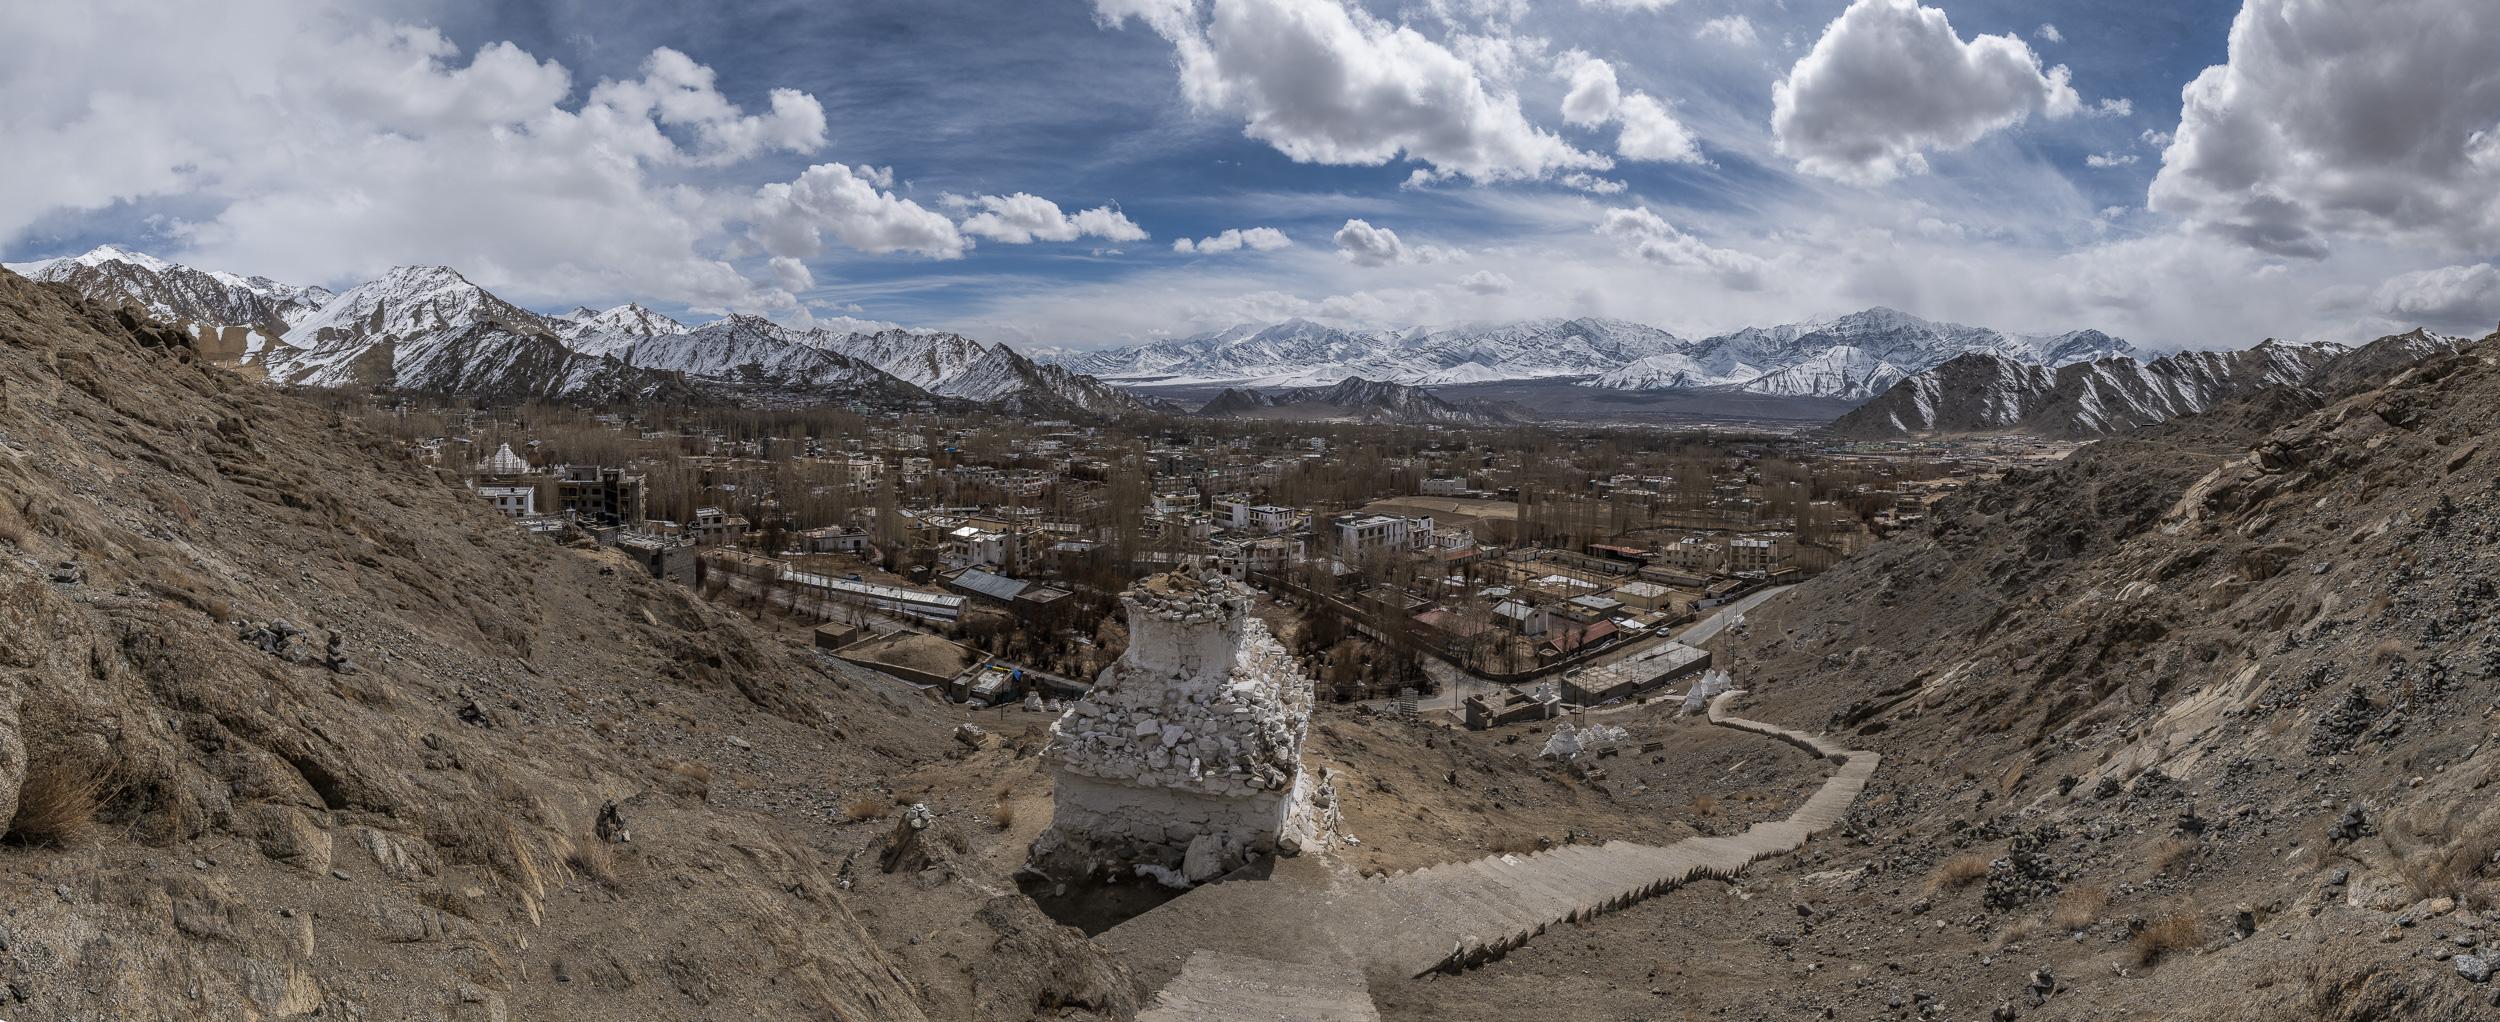 Unsere Reise startete in Ladakh, das auf 3500 müM liegt. Das Thermometer zeige zeitweise -12°C an.  Im Vordergrund sehen sie Leh, im Hintergrund die mächtigen Berge des Himalaya. Das Bild habe ich aus fünf Einzelaufnahmen in Lightroom zusammengesetzt. Das Original hat 137 Mpx. Panasonic S1R mit Leica Vario Elmarit SL 2.8-4.0 24-90 ASPH auf 24 mm // 1/500 sec // f 13 // 200 ISO